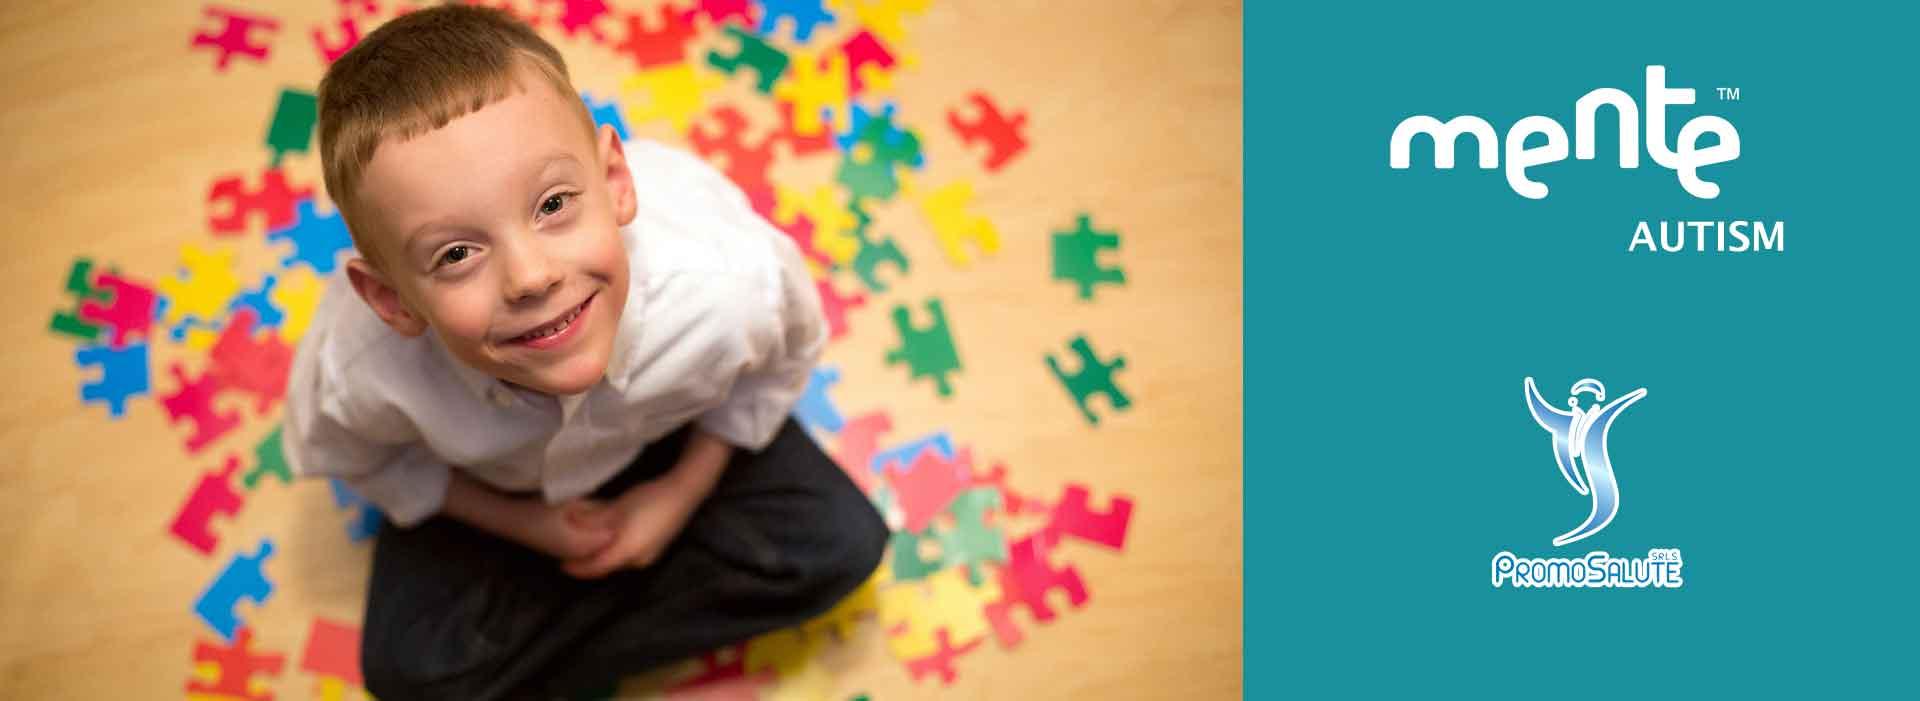 risolvere problemi con bambini autistici grazie al sistema Mente Autism